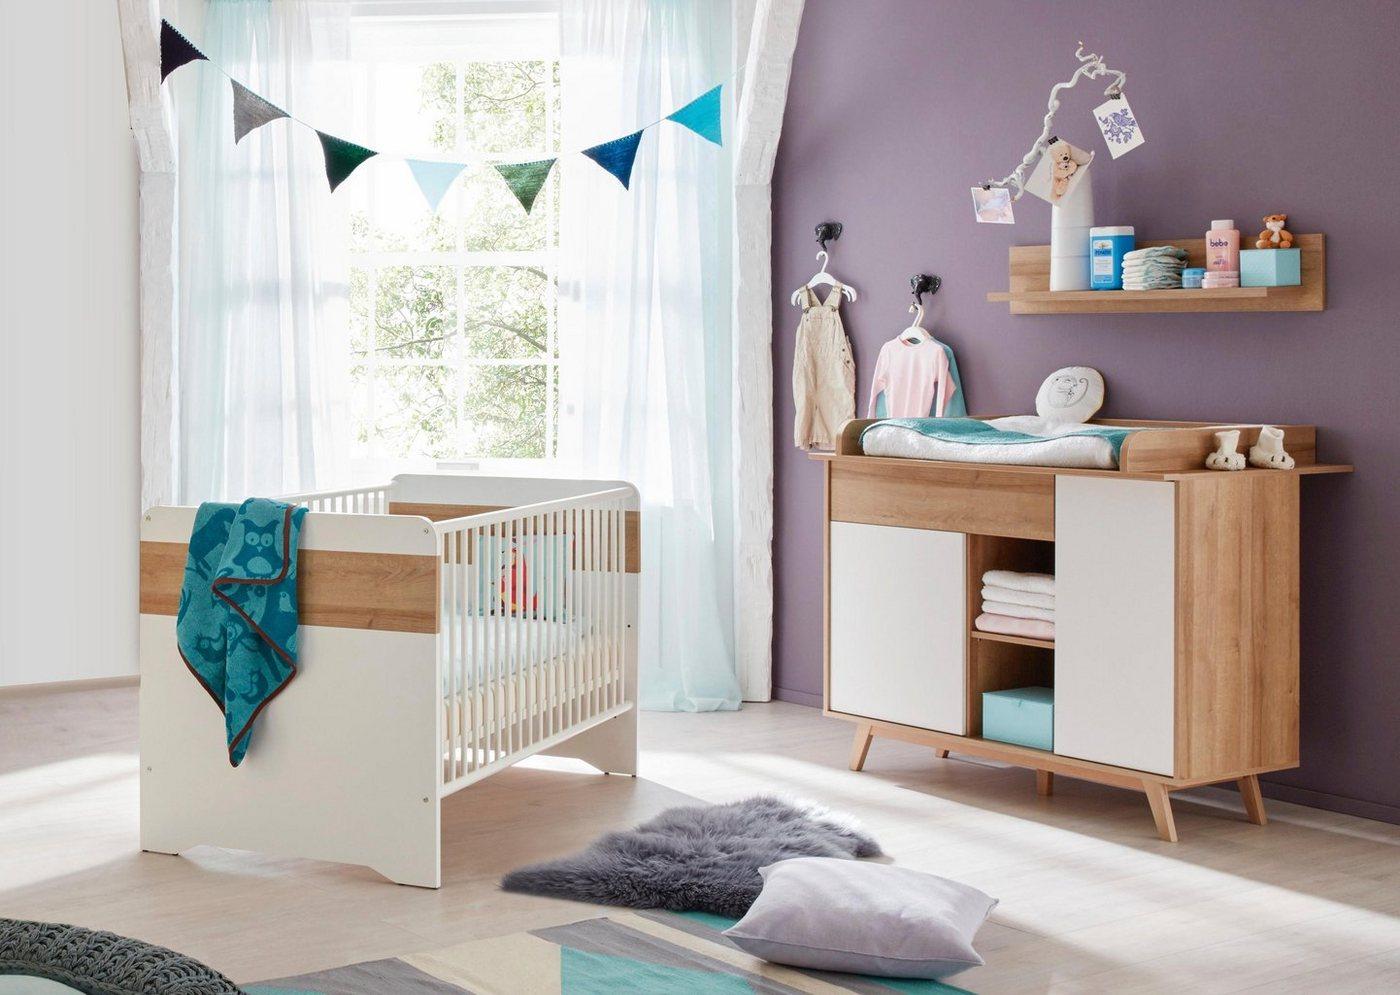 gebraucht wickelkommode machen sie den preisvergleich bei nextag. Black Bedroom Furniture Sets. Home Design Ideas